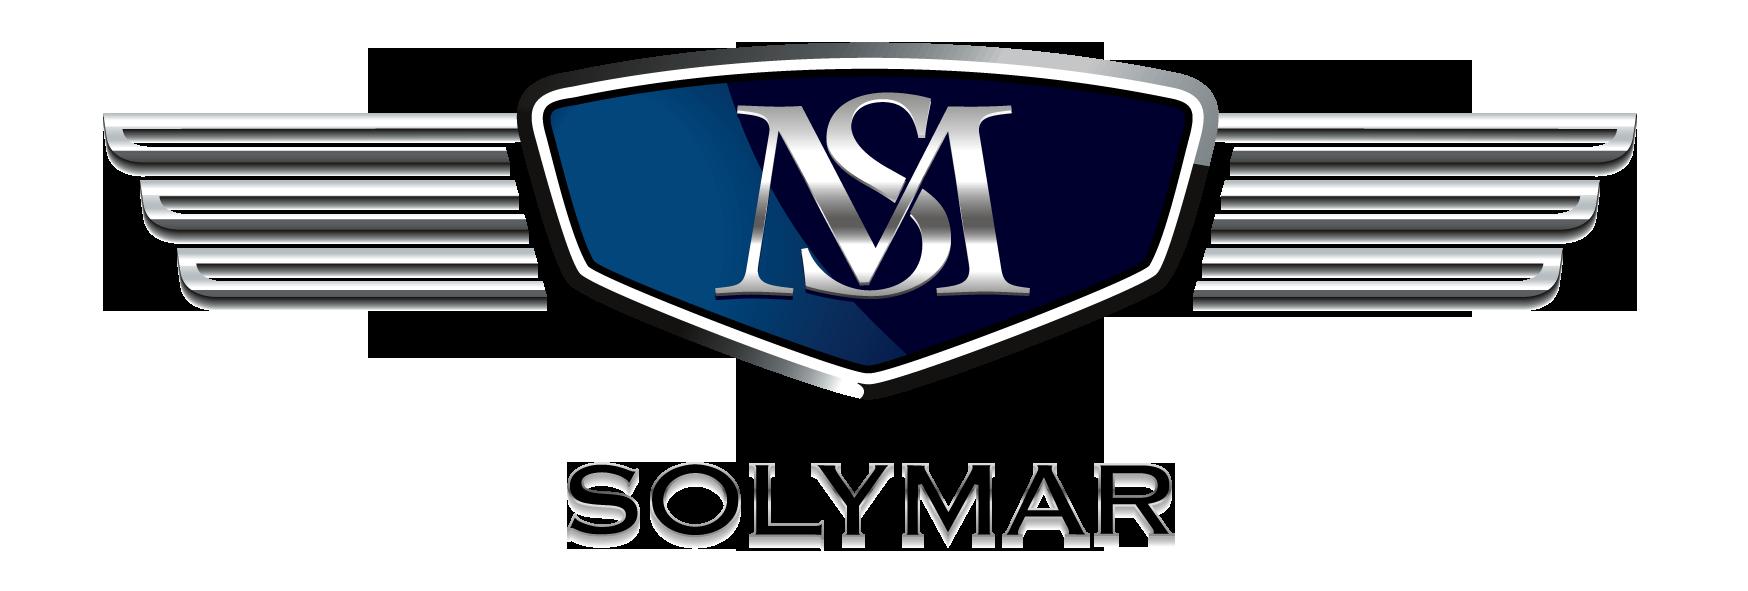 SolyMar Transfer